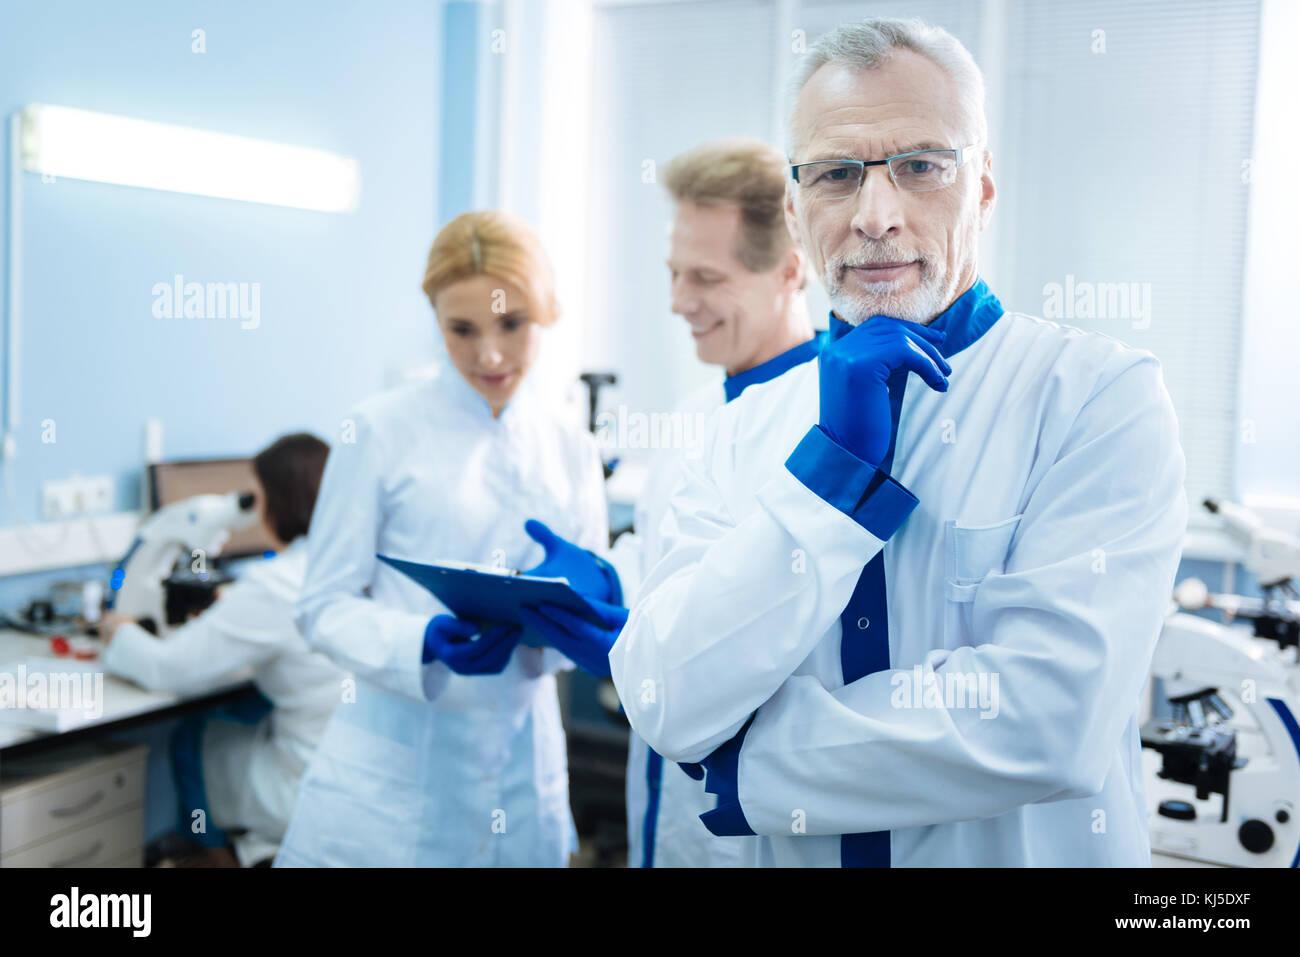 Kräftige grauhaarige Wissenschaftler und andere in den Hintergrund Stockbild